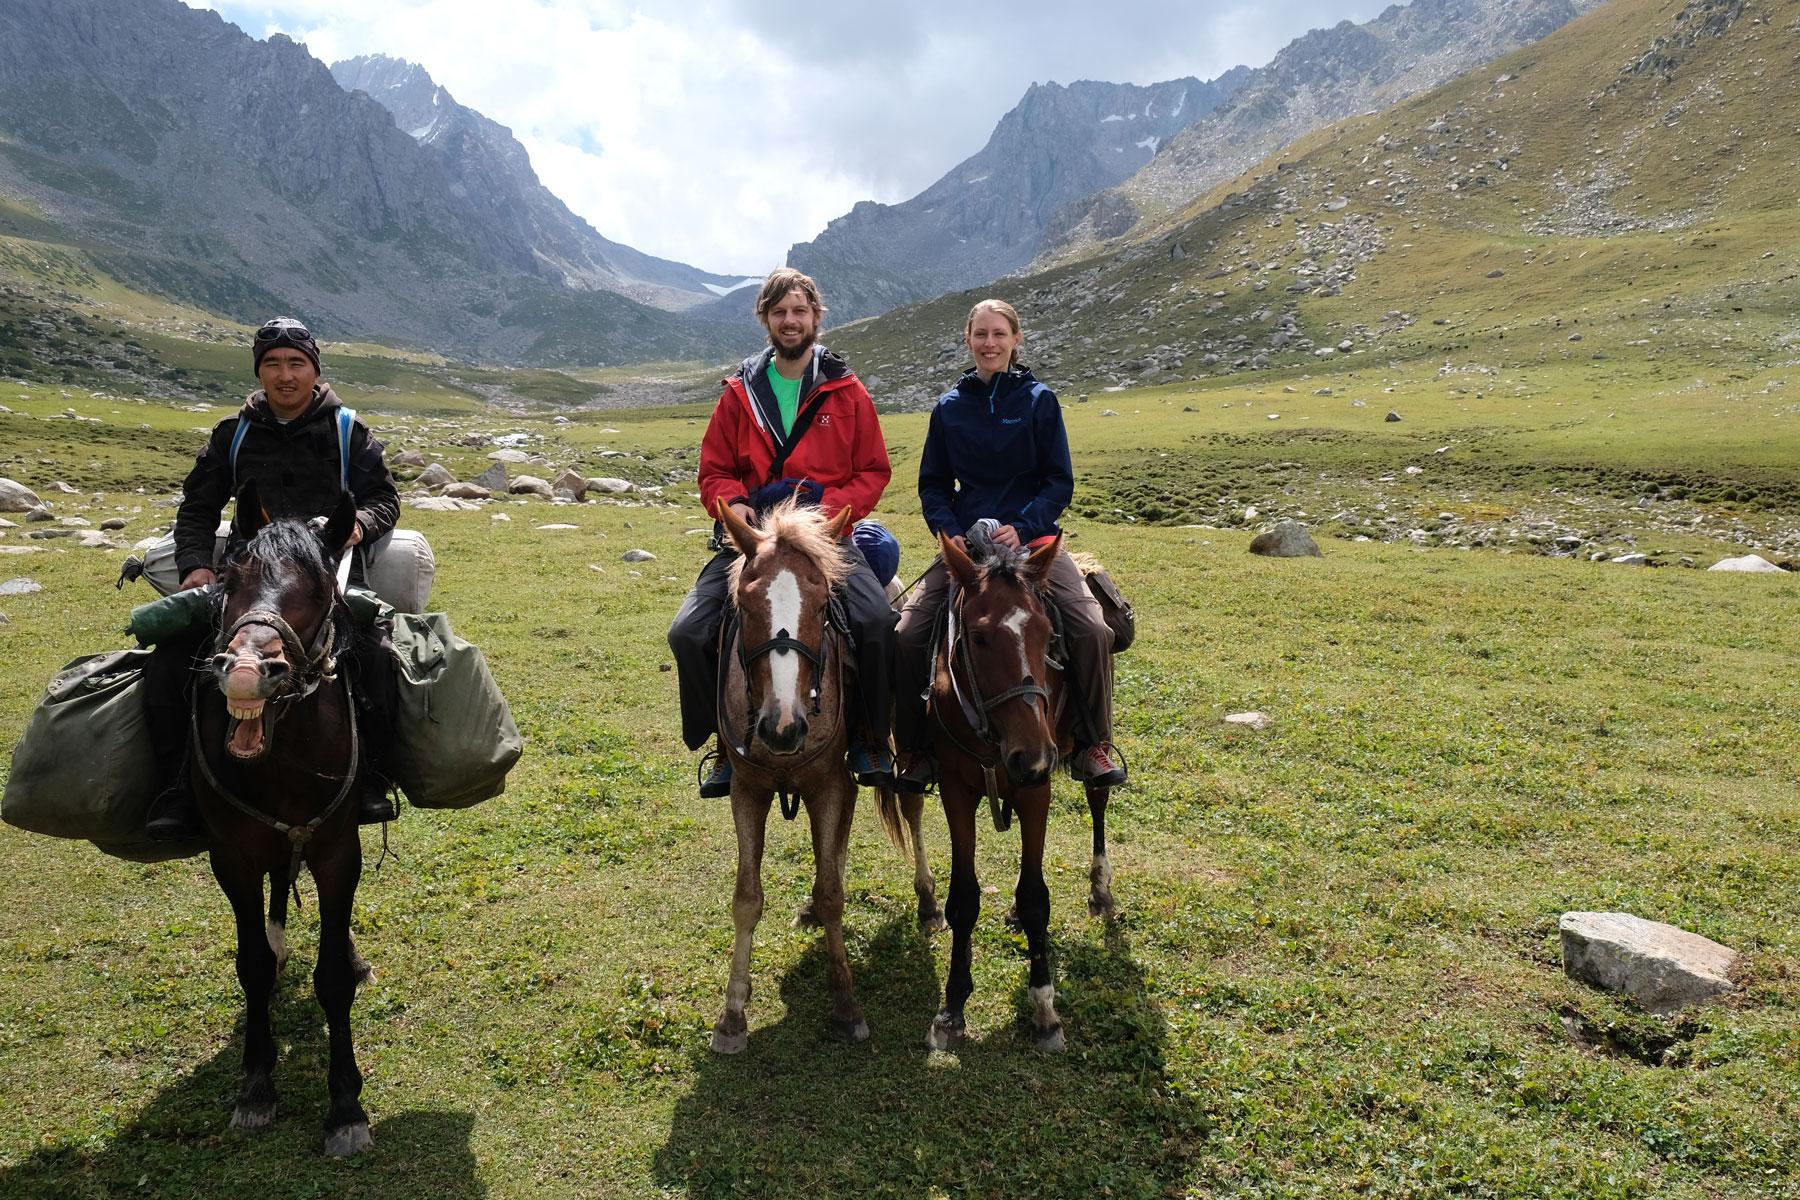 Ihm verdanken wir auch dieses Gruppenfoto (man beachte Mikas Pferd, das für diesen Anlass sein schönstes Lächeln aufsetzt :-) )